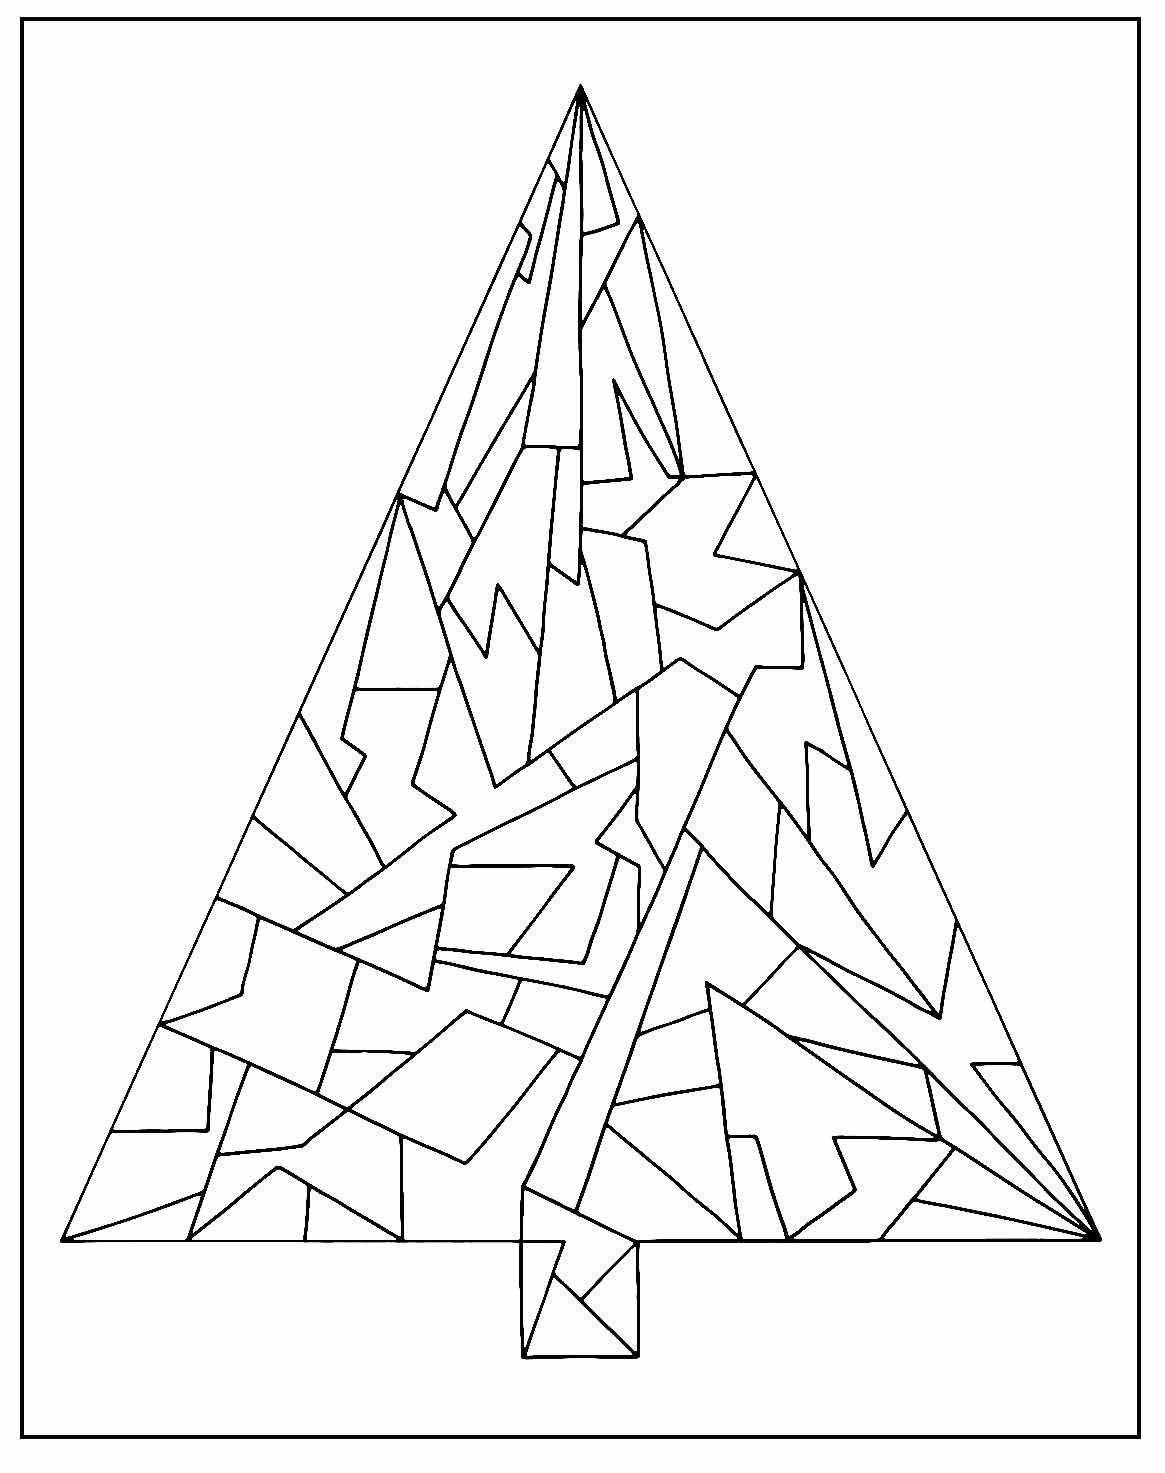 Desenho de Árvore de Natal para pintar - Geométrica - Poligonal